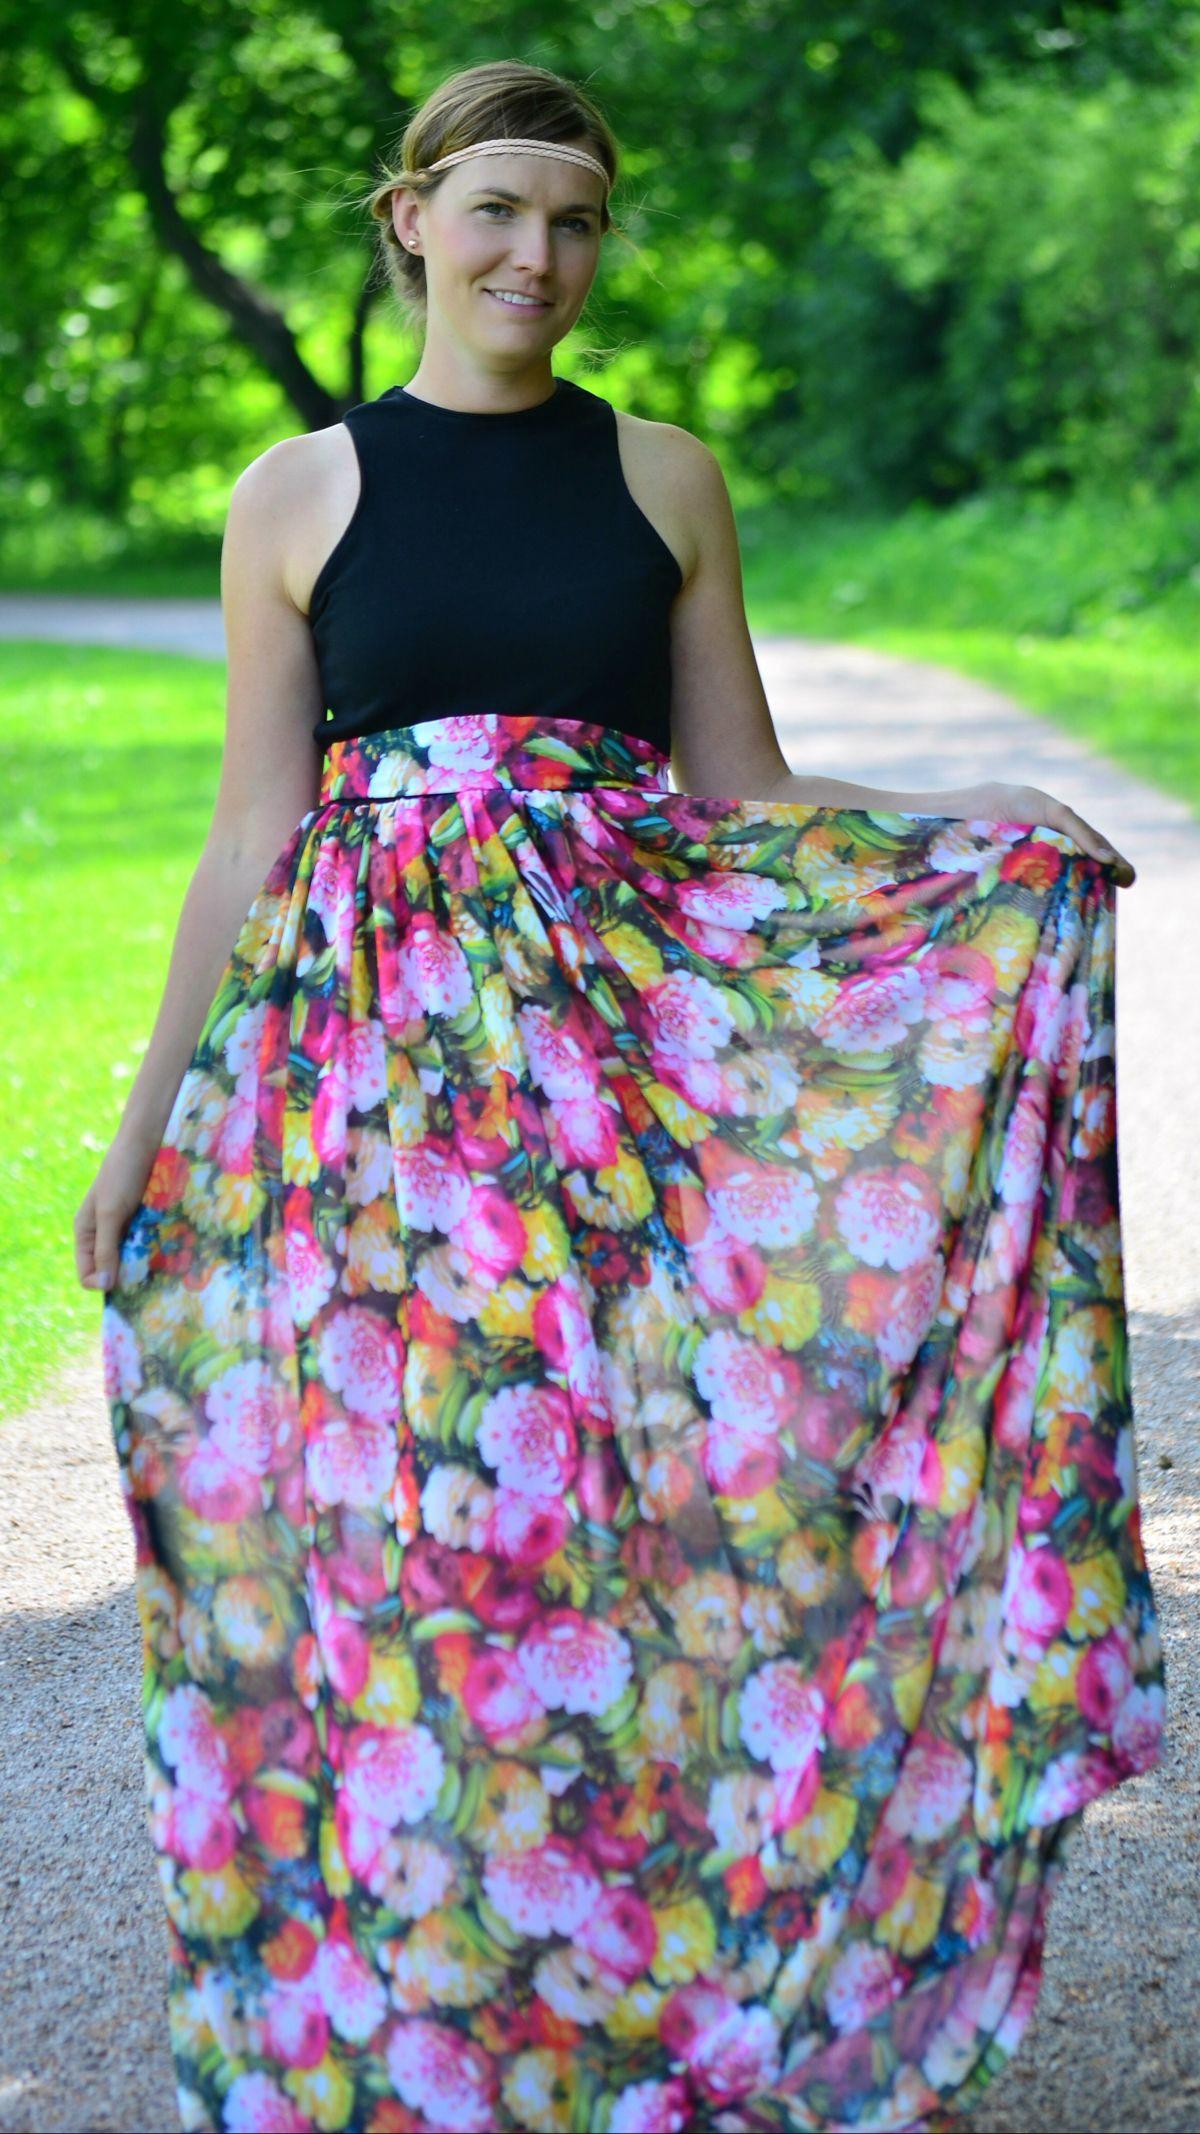 Sommerkleider selber nähen - wir zeigen dir schöne Schnittmuster